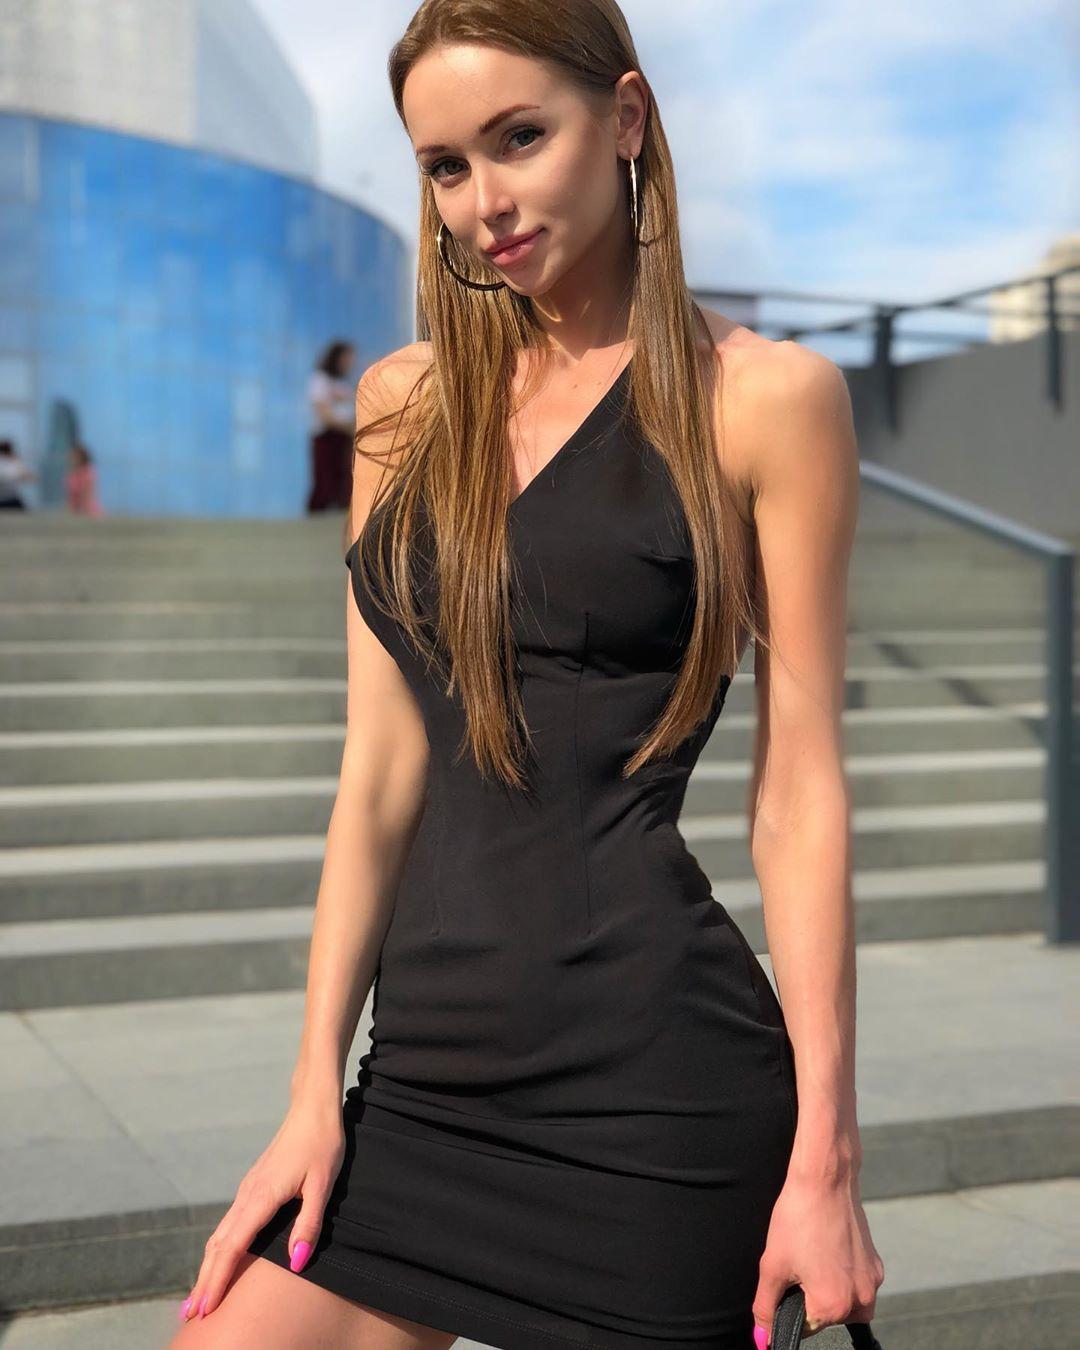 Yuliya-Baby-Wallpapeers-Insta-Fit-Bio-13